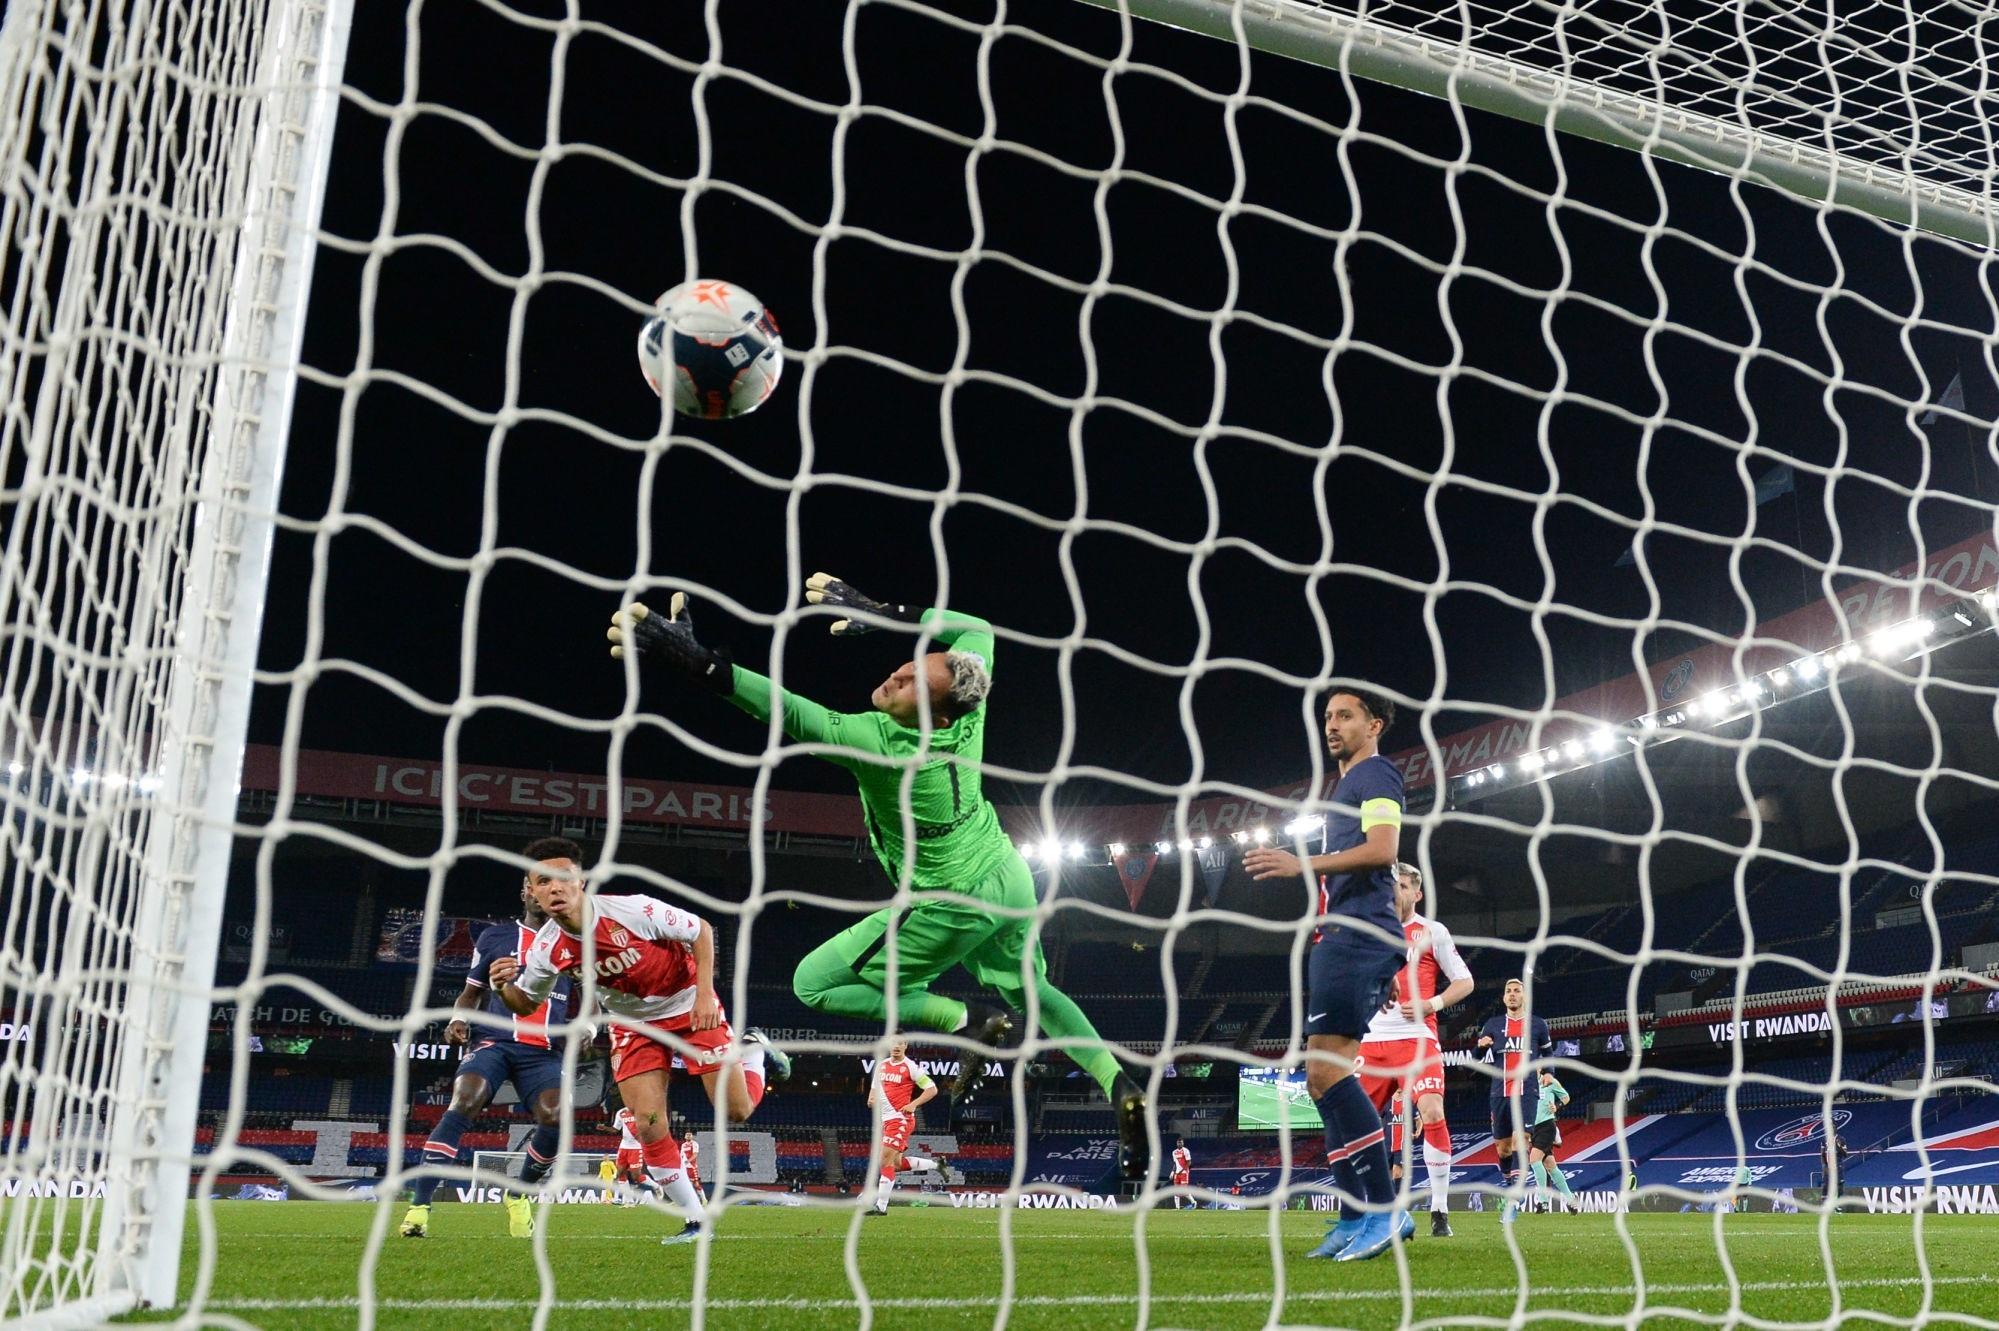 Résumé PSG/Monaco (0-2) - La vidéo des buts et des temps forts du match